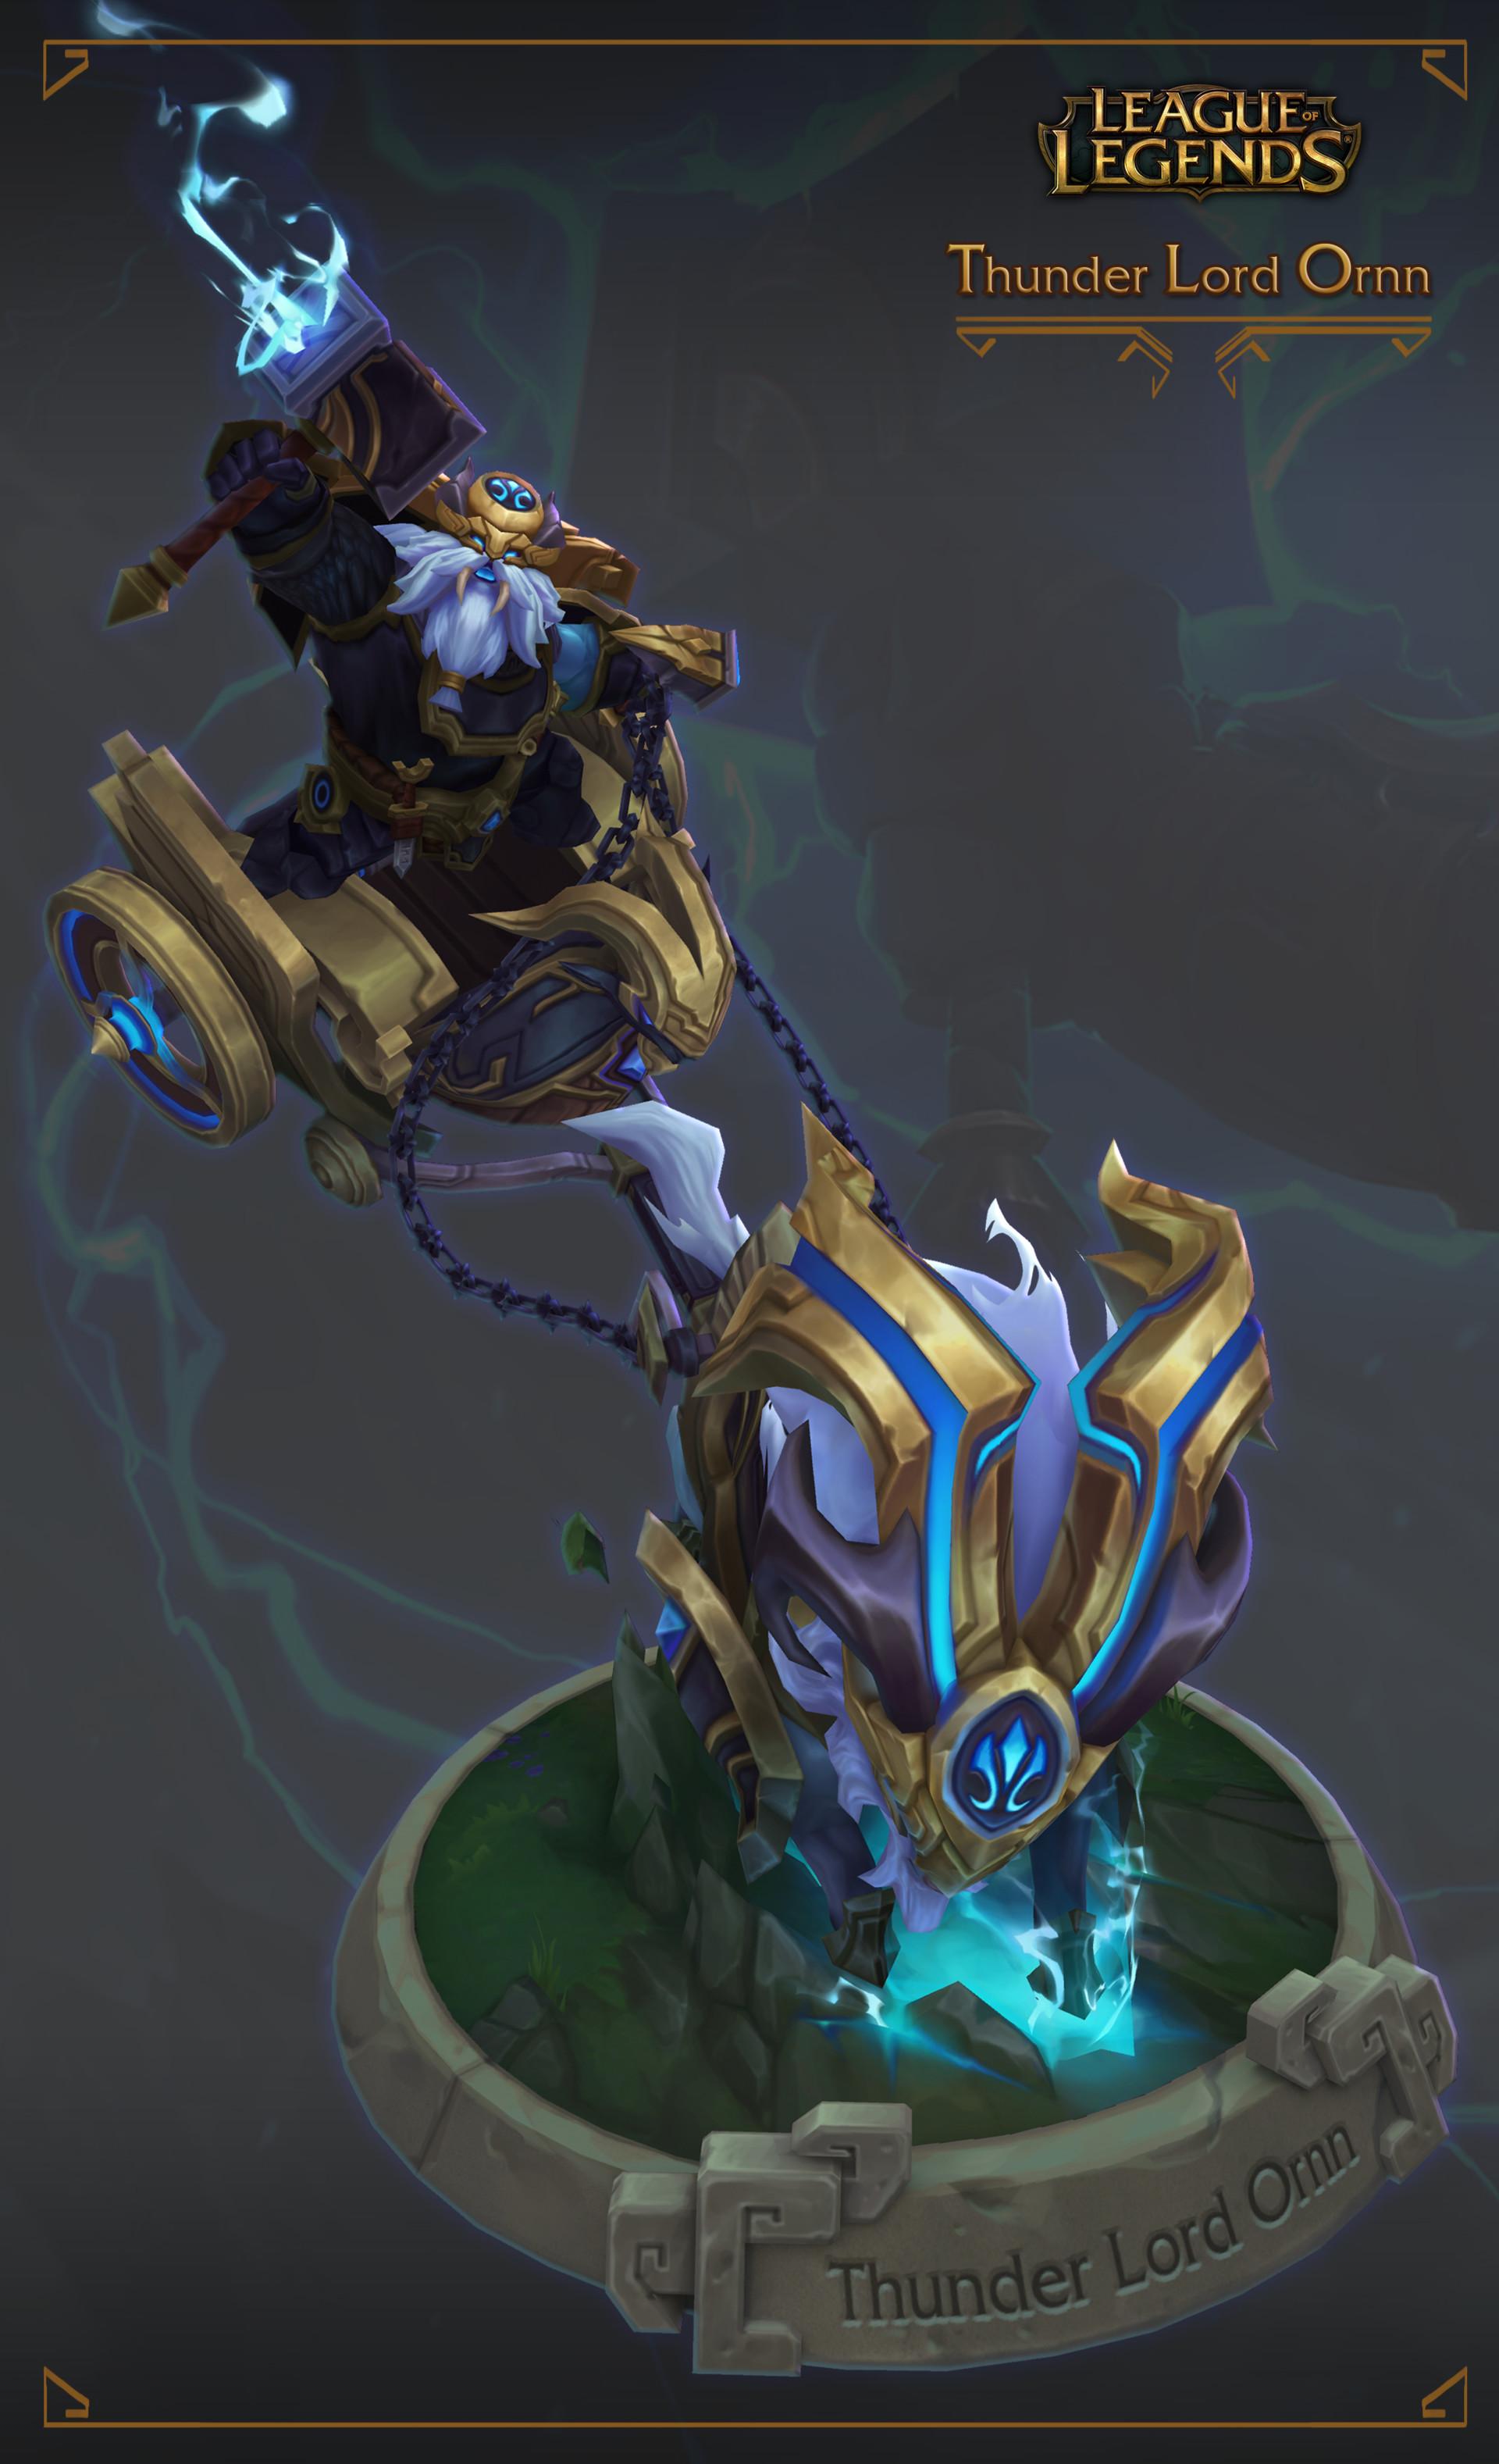 ArtStation - Thunder Lord Ornn, Duy Khanh Nguyen